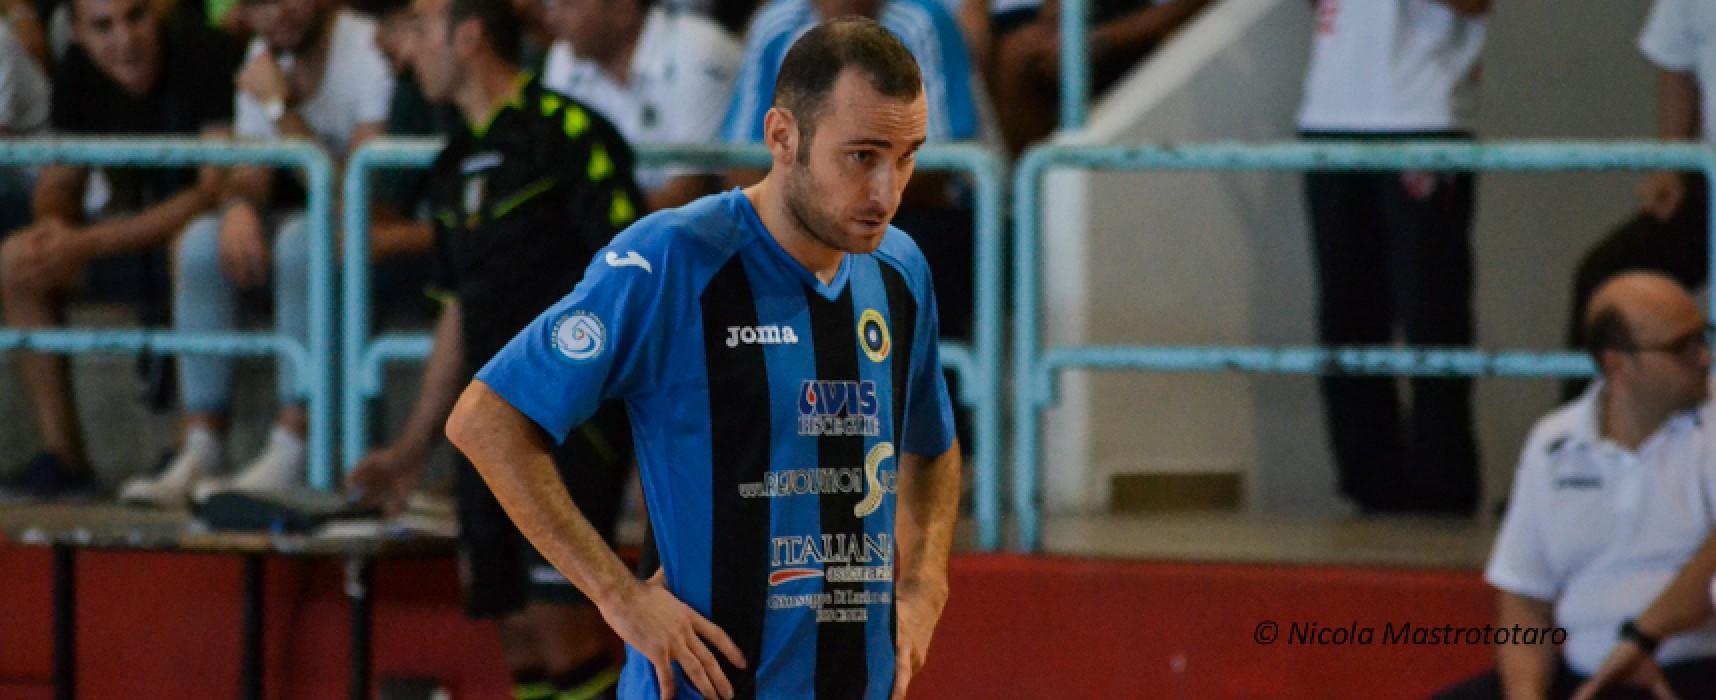 Futsal Bisceglie, primato mantenuto dopo il 4-1 all'Isernia